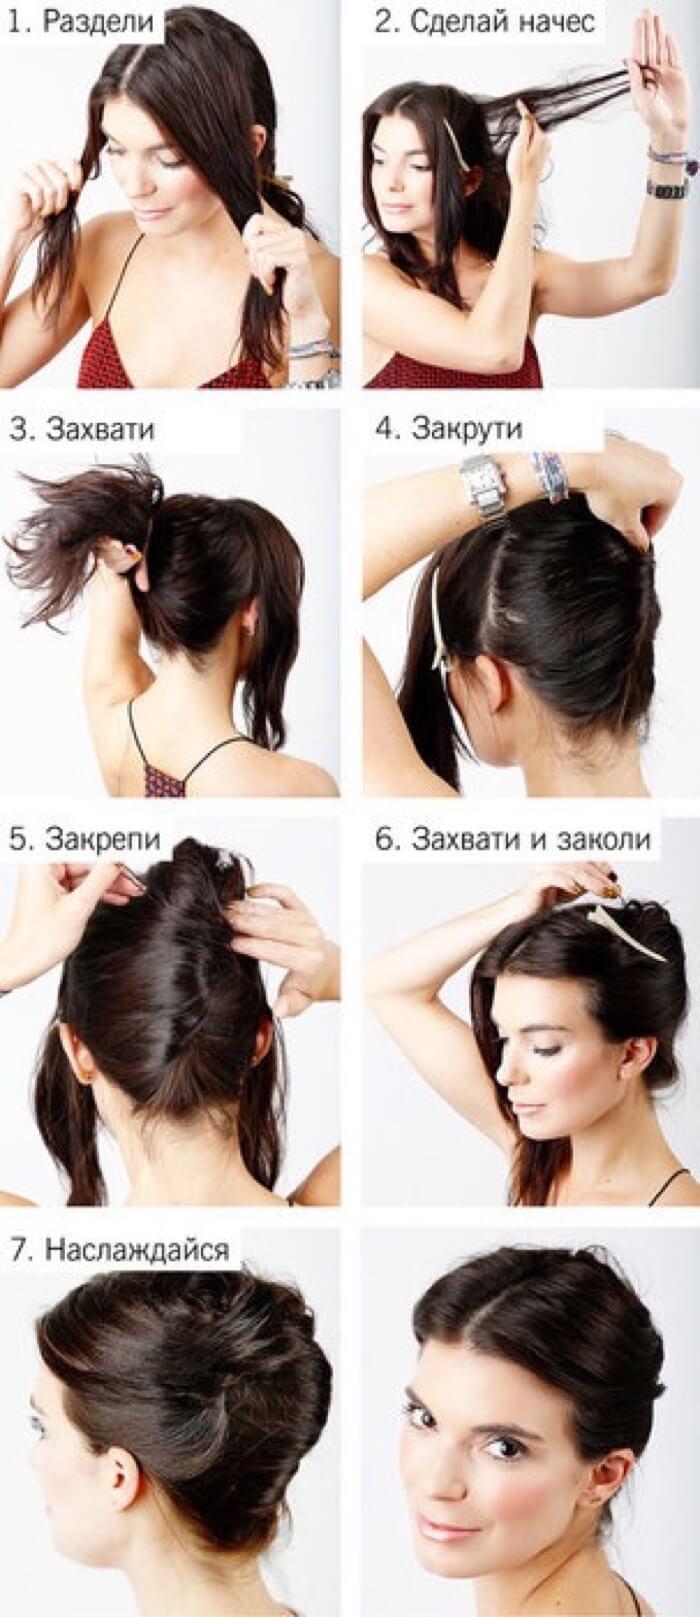 Причёска с заколкой пошагово